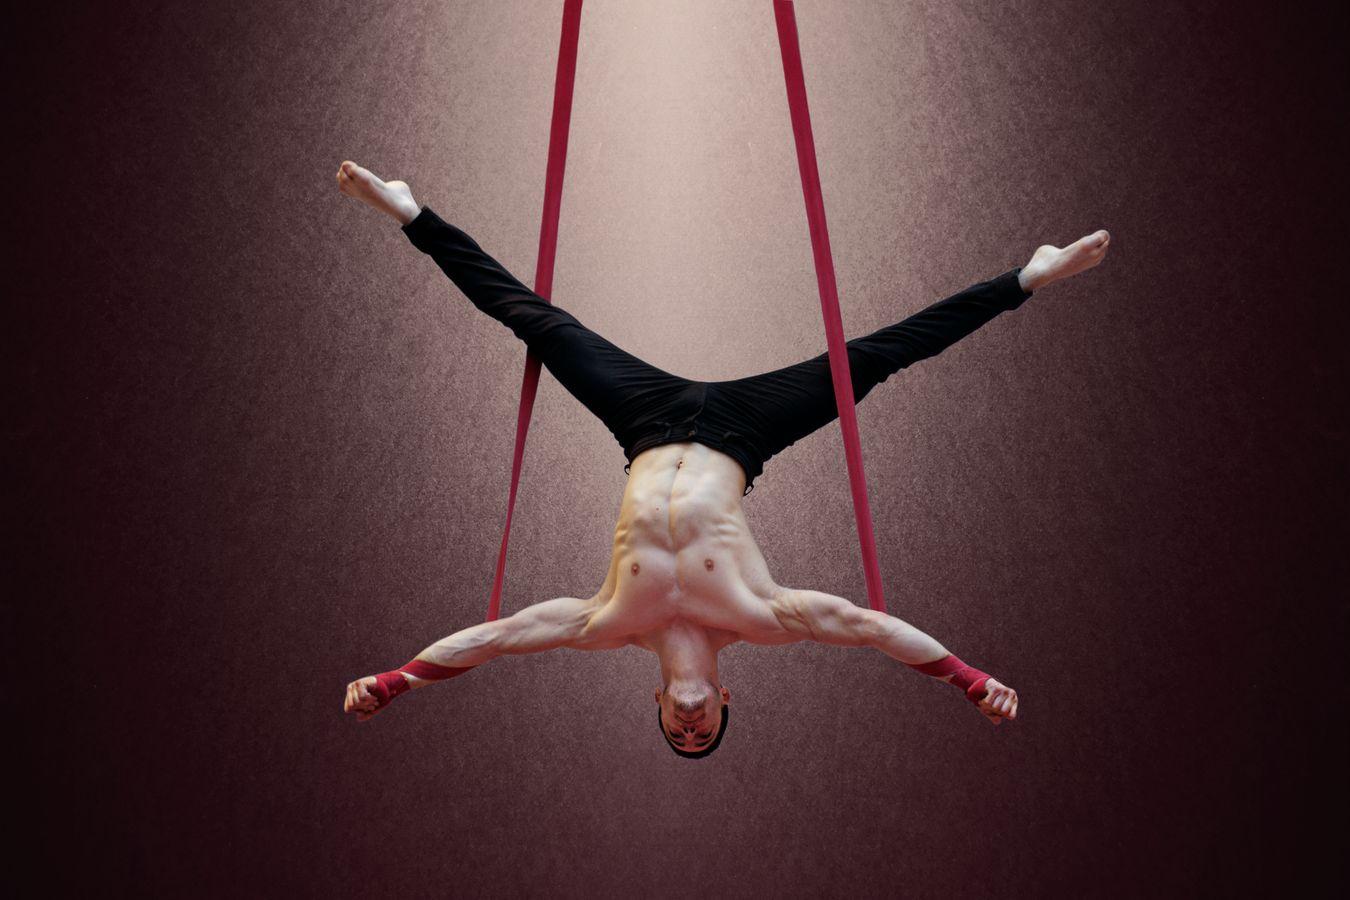 Yoann Doaré fait des sangles au gymnase d'Overground Circus à Lyon 5e. Il est torse-nu, la tête en bas et son corps dessine un X entre les sangles.